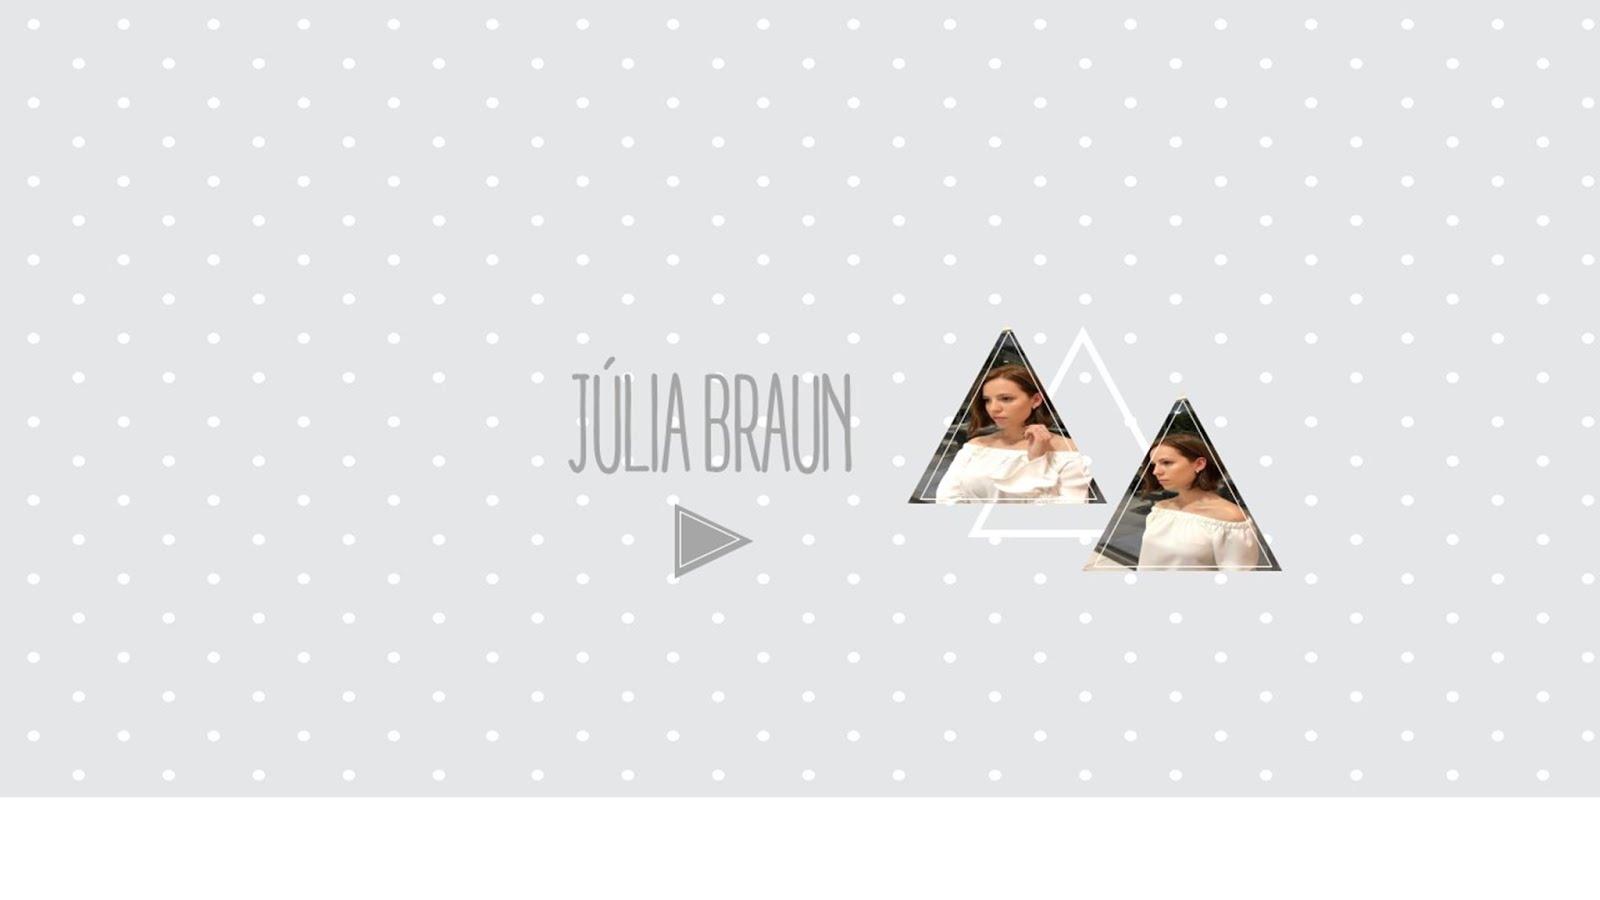 Júlia Braun